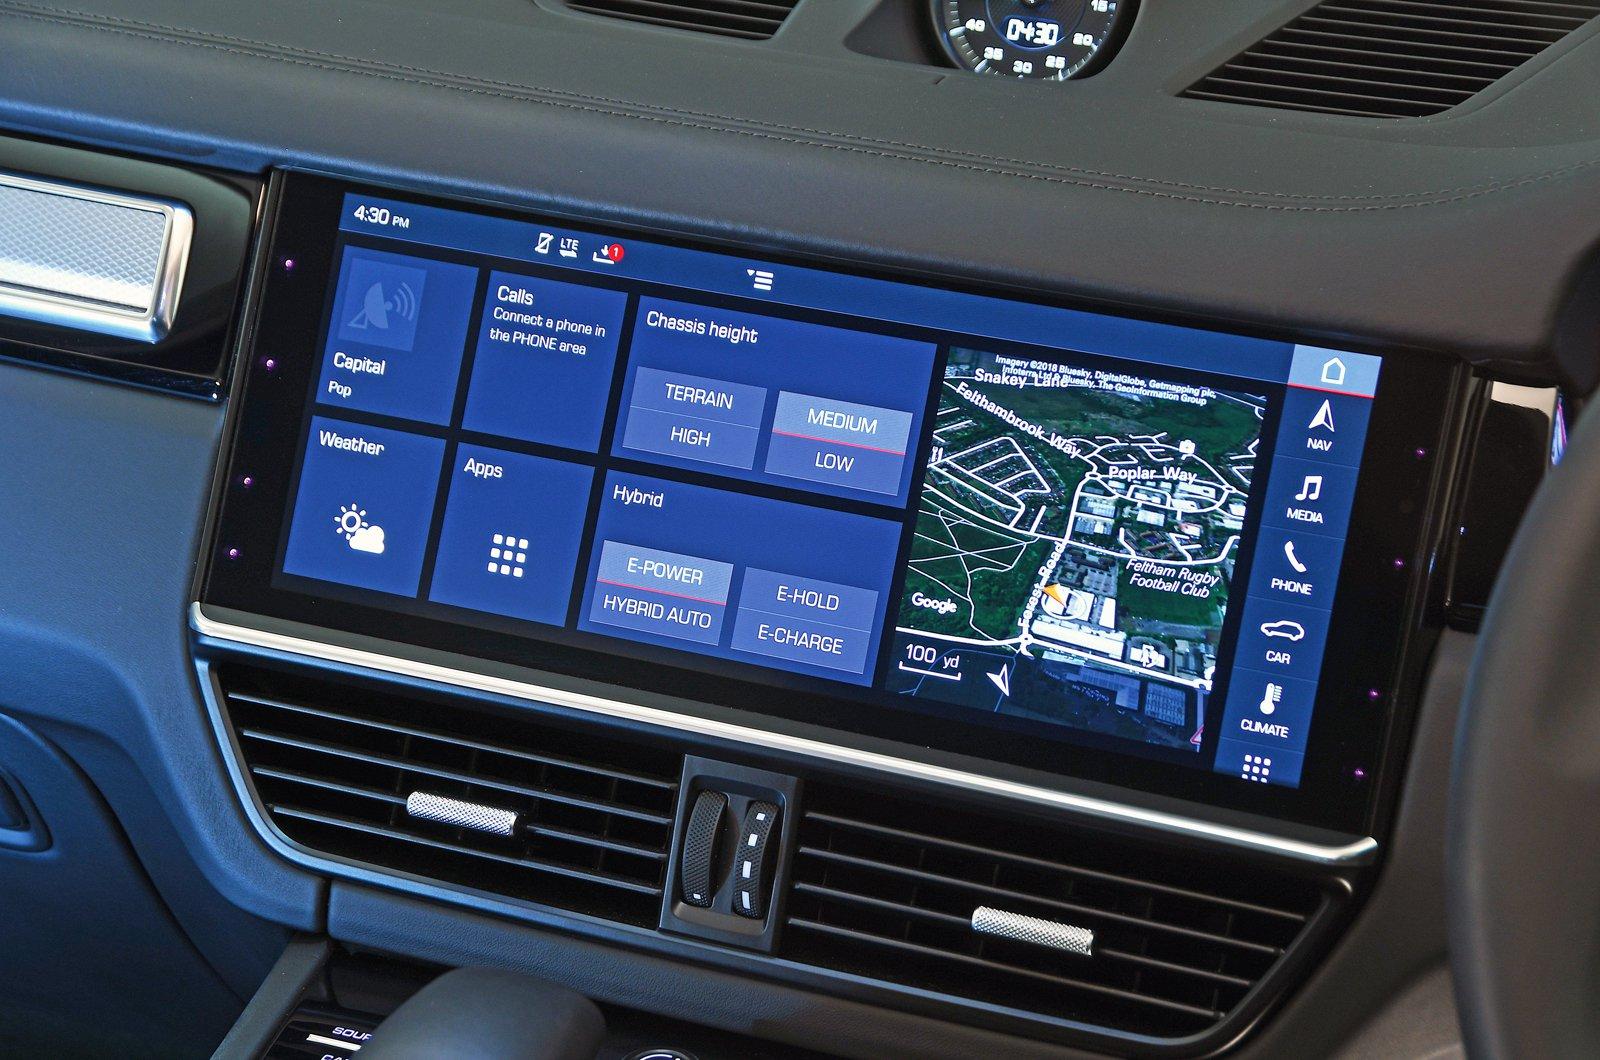 Porsche Cayenne E-Hybrid touchscreen